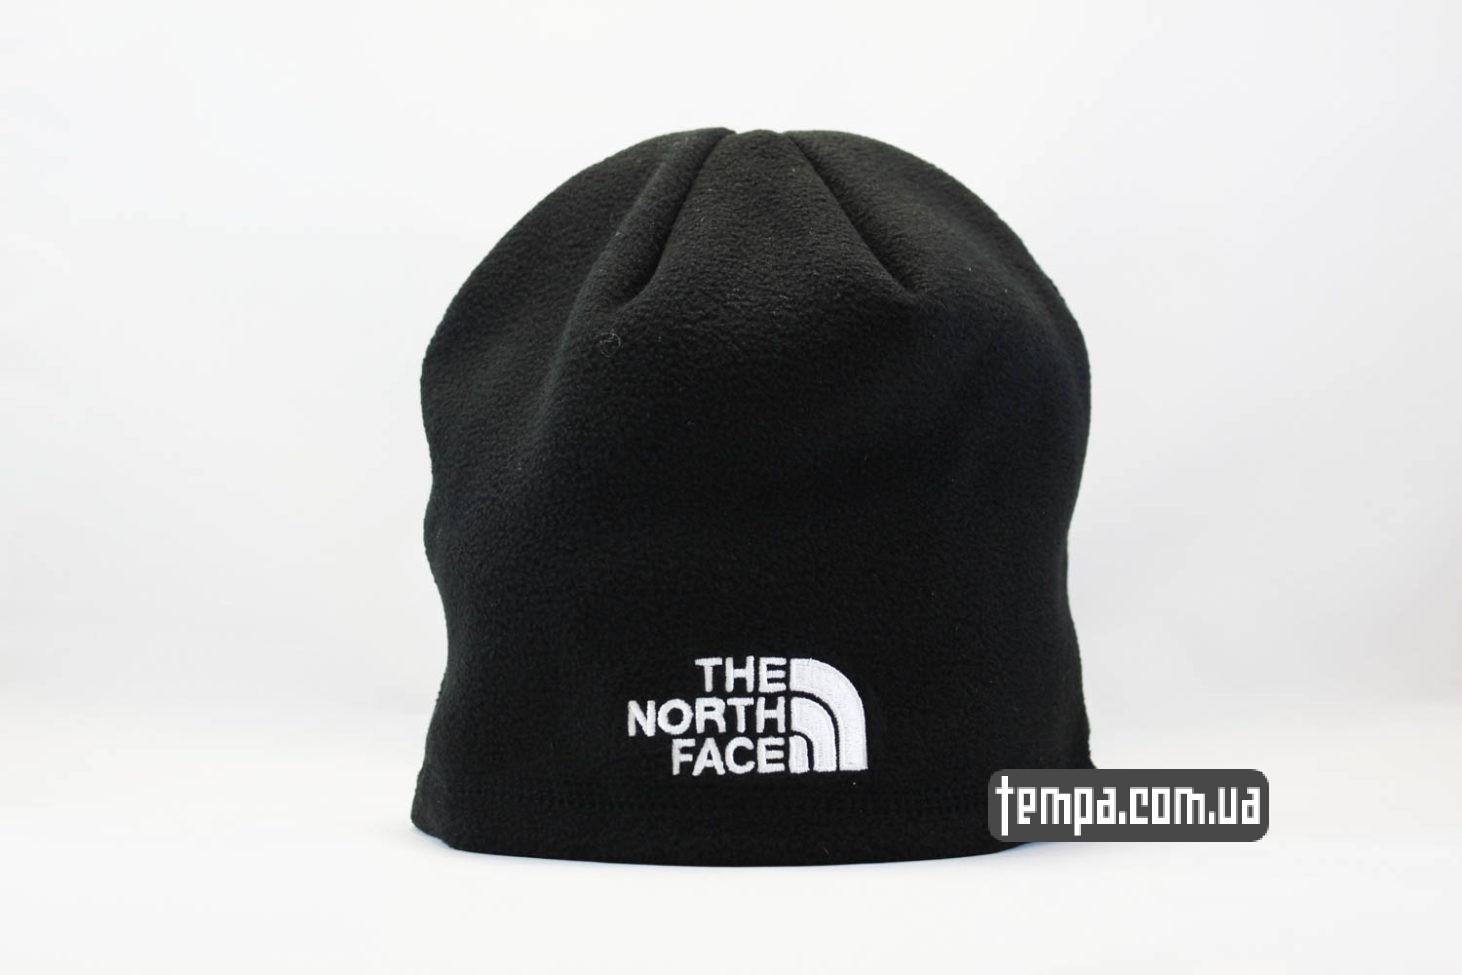 шапка beanie the north face black черная оригинал купить Украина